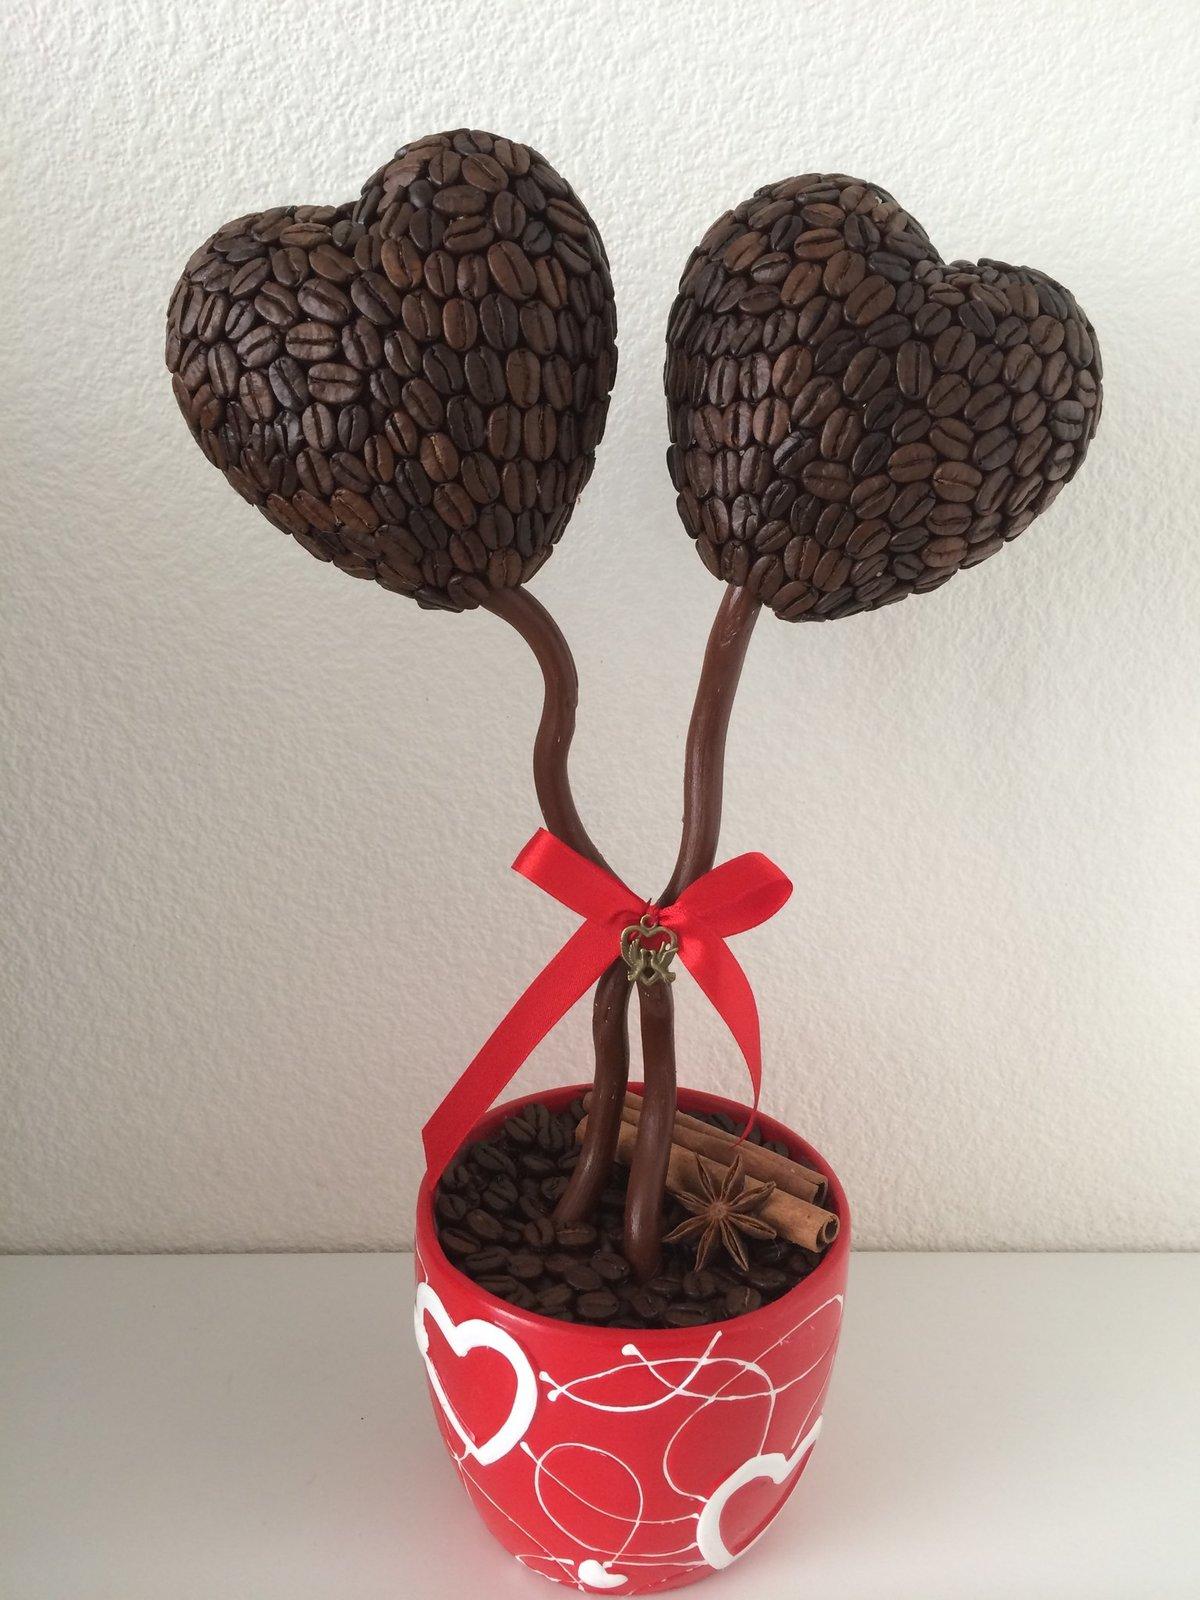 поздравление к подарку кофейное дерево крыльца тротуарной